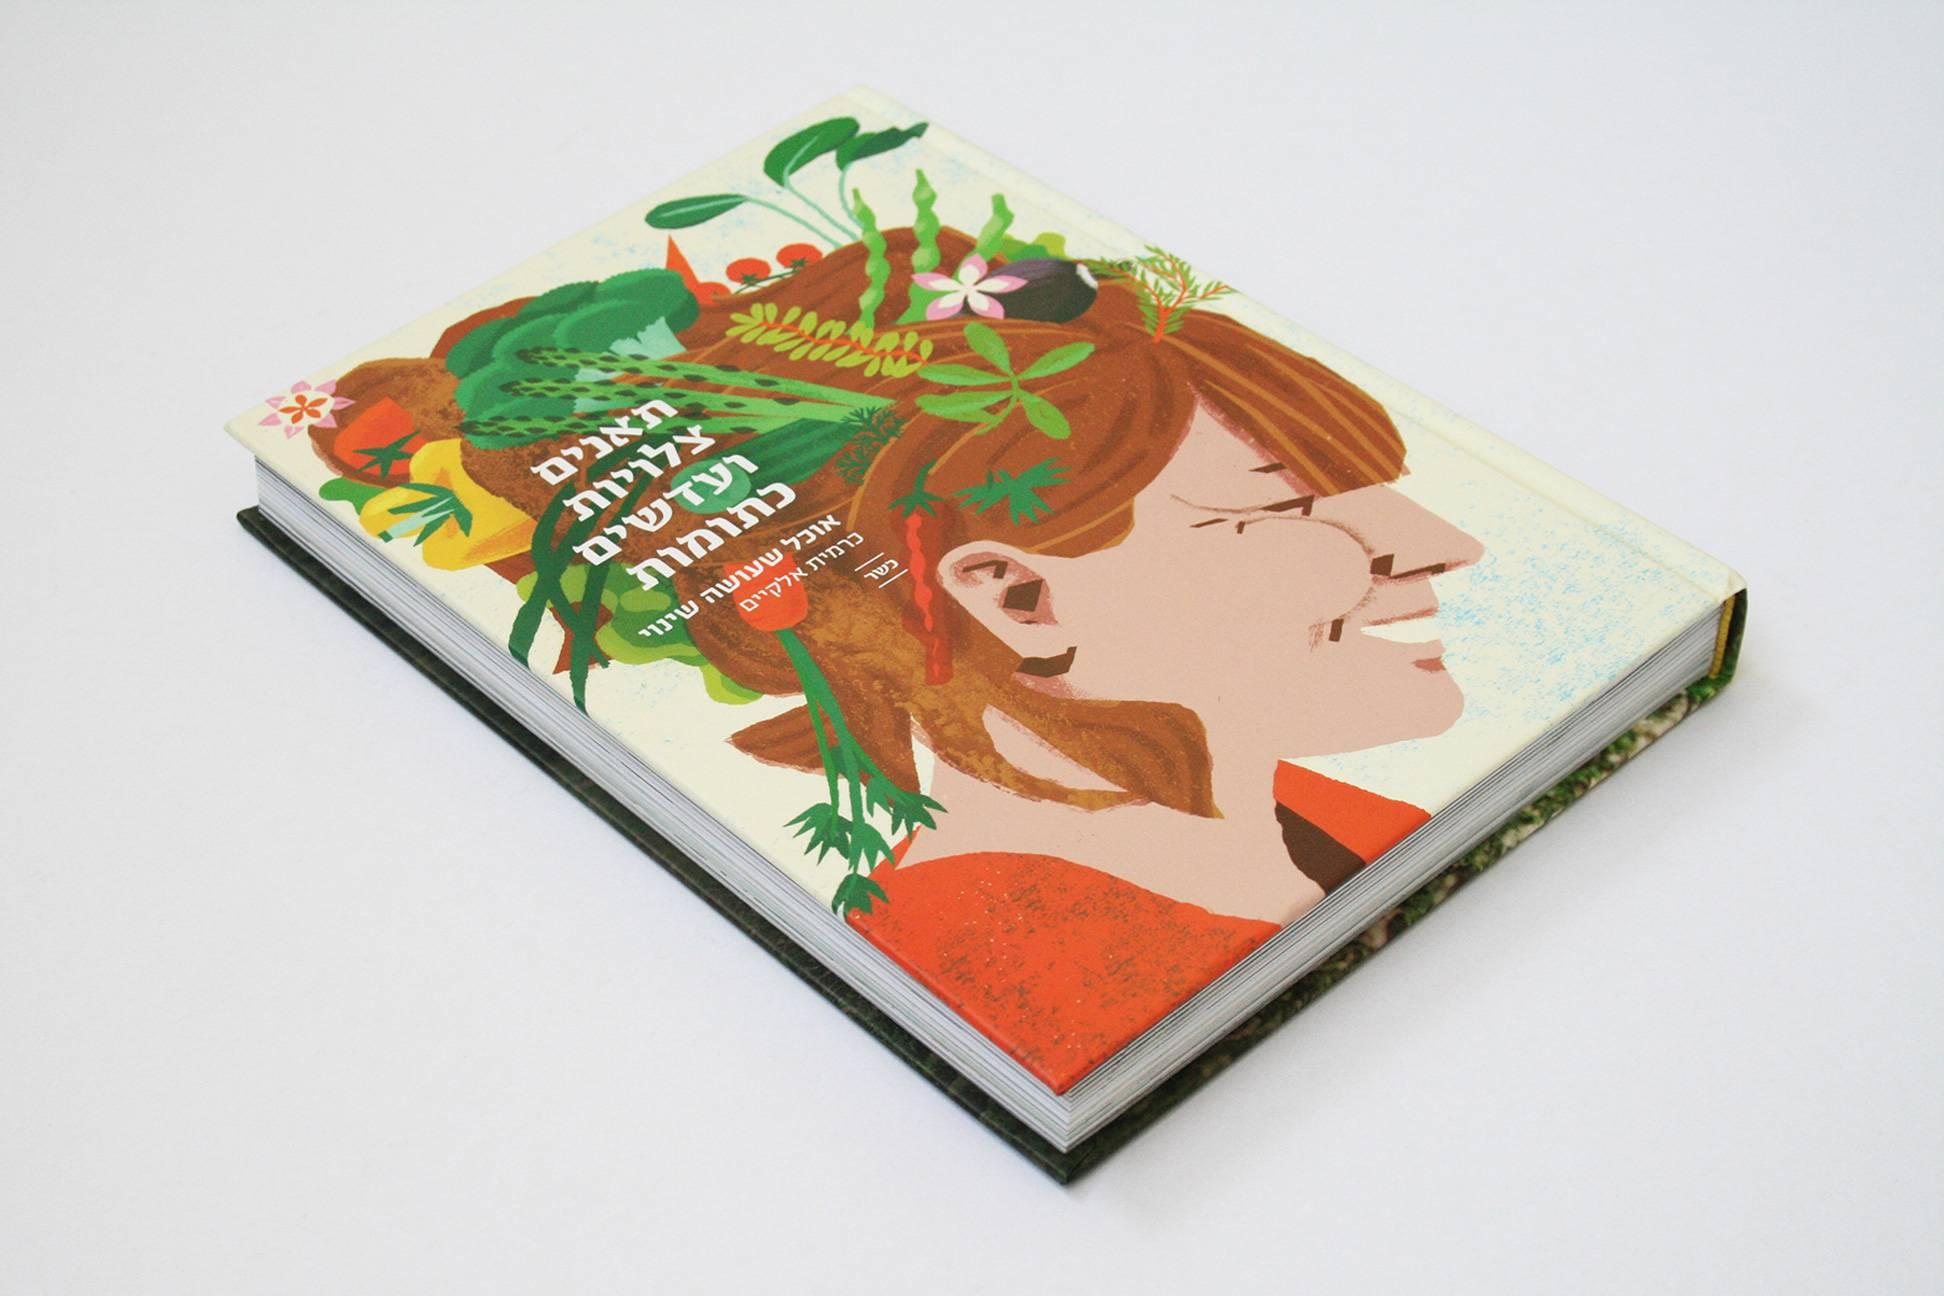 עטיפת הספר ״תאנים צלויות ועדשים כתומות״